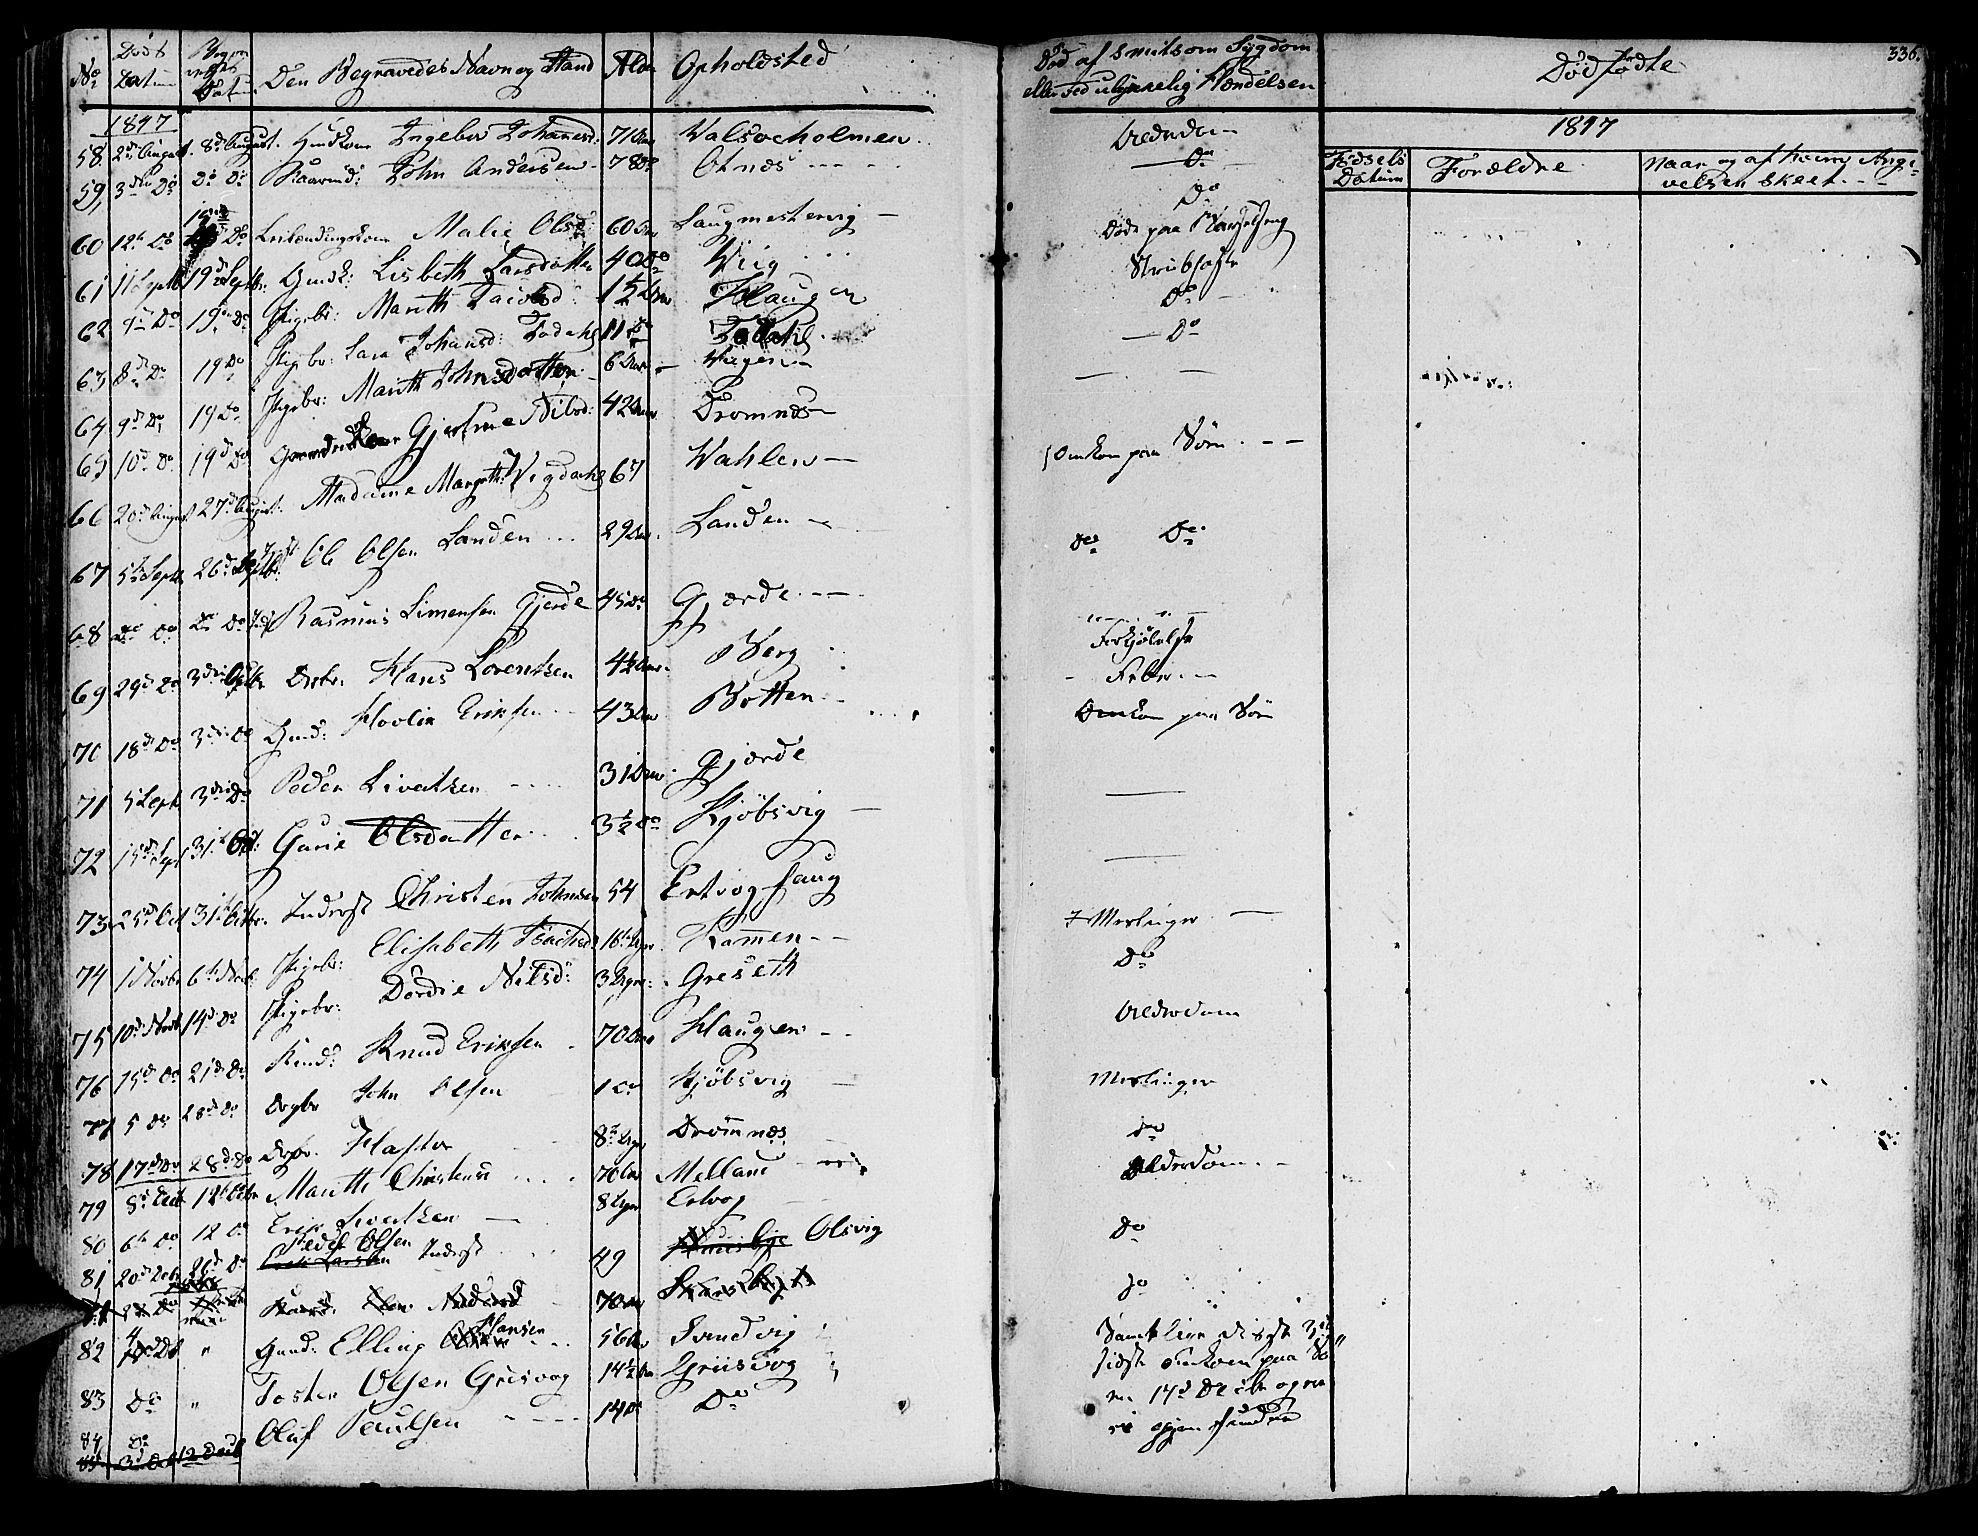 SAT, Ministerialprotokoller, klokkerbøker og fødselsregistre - Møre og Romsdal, 578/L0904: Ministerialbok nr. 578A03, 1836-1858, s. 336